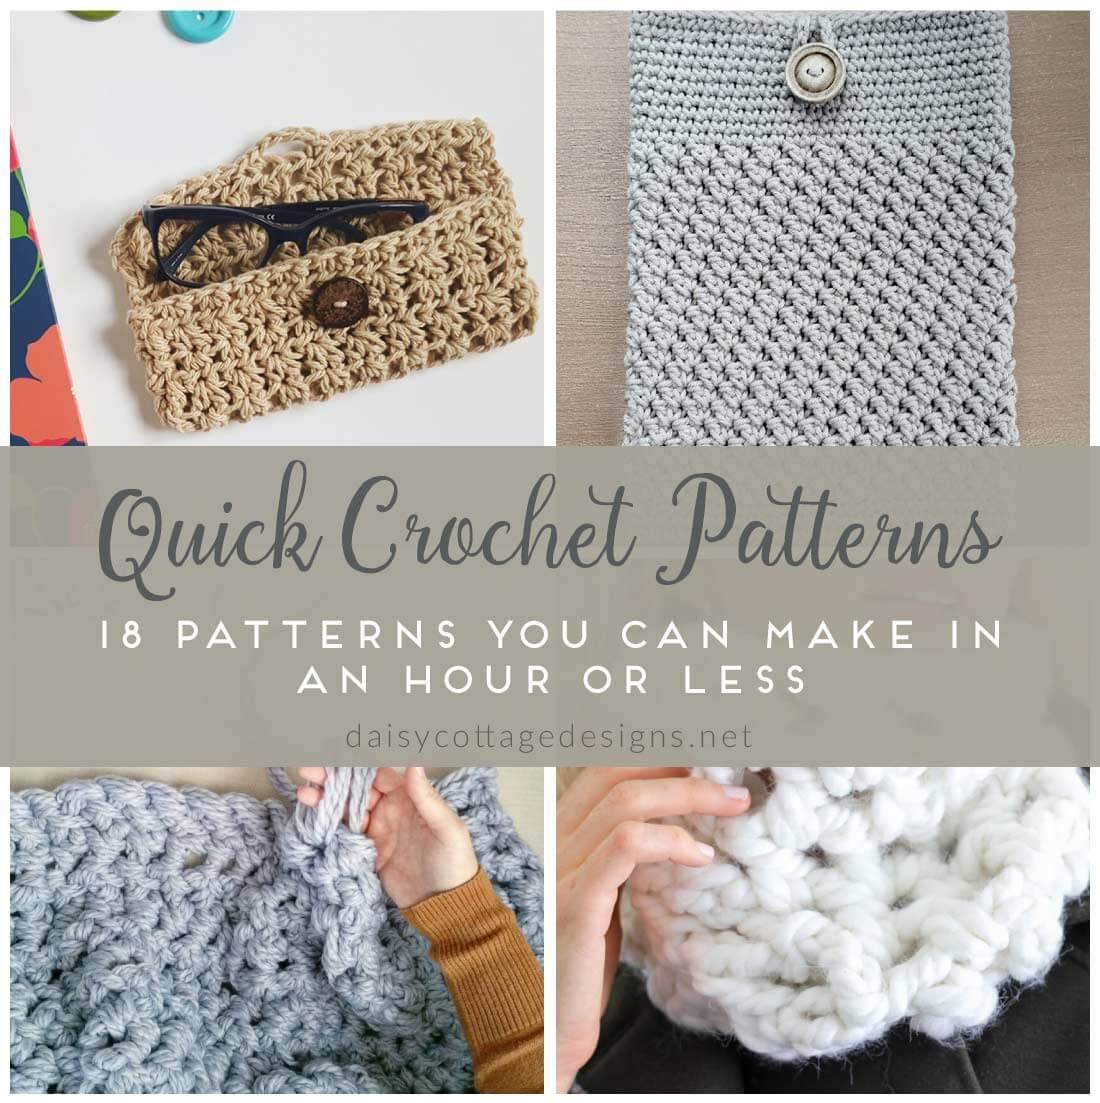 easy crochet patterns | quick crochet patterns | fast crochet projects | fdcdikt